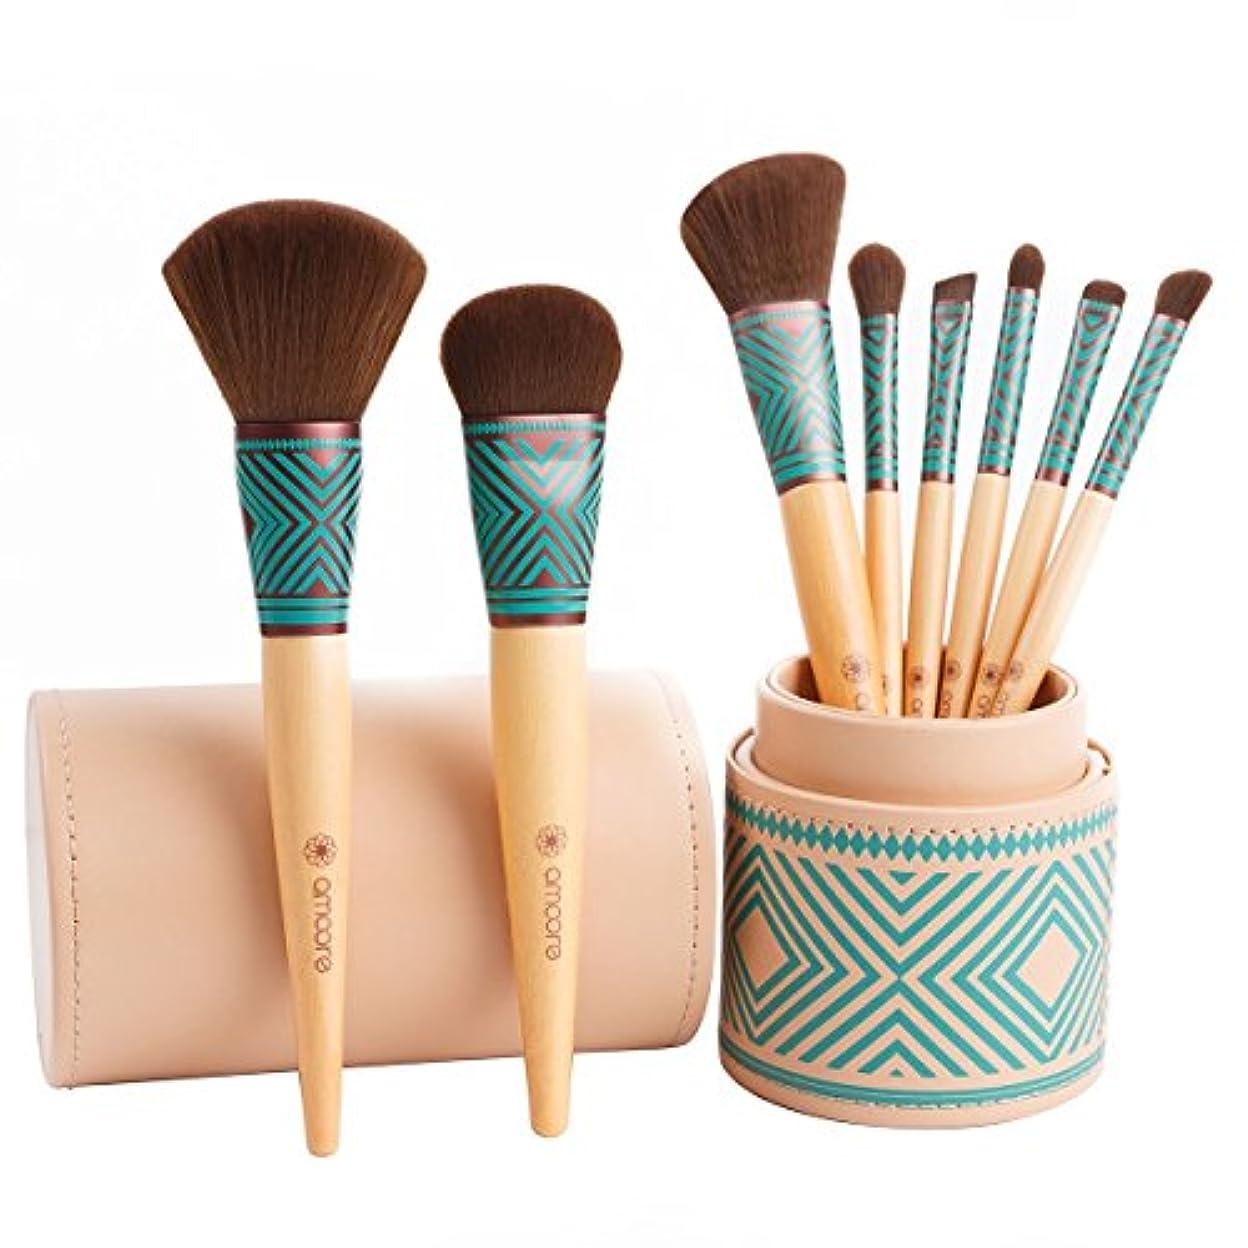 有効化楽観粒amoore 8本 化粧筆 メイクブラシセット 化粧ブラシ セット コスメ ブラシ 収納ケース付き